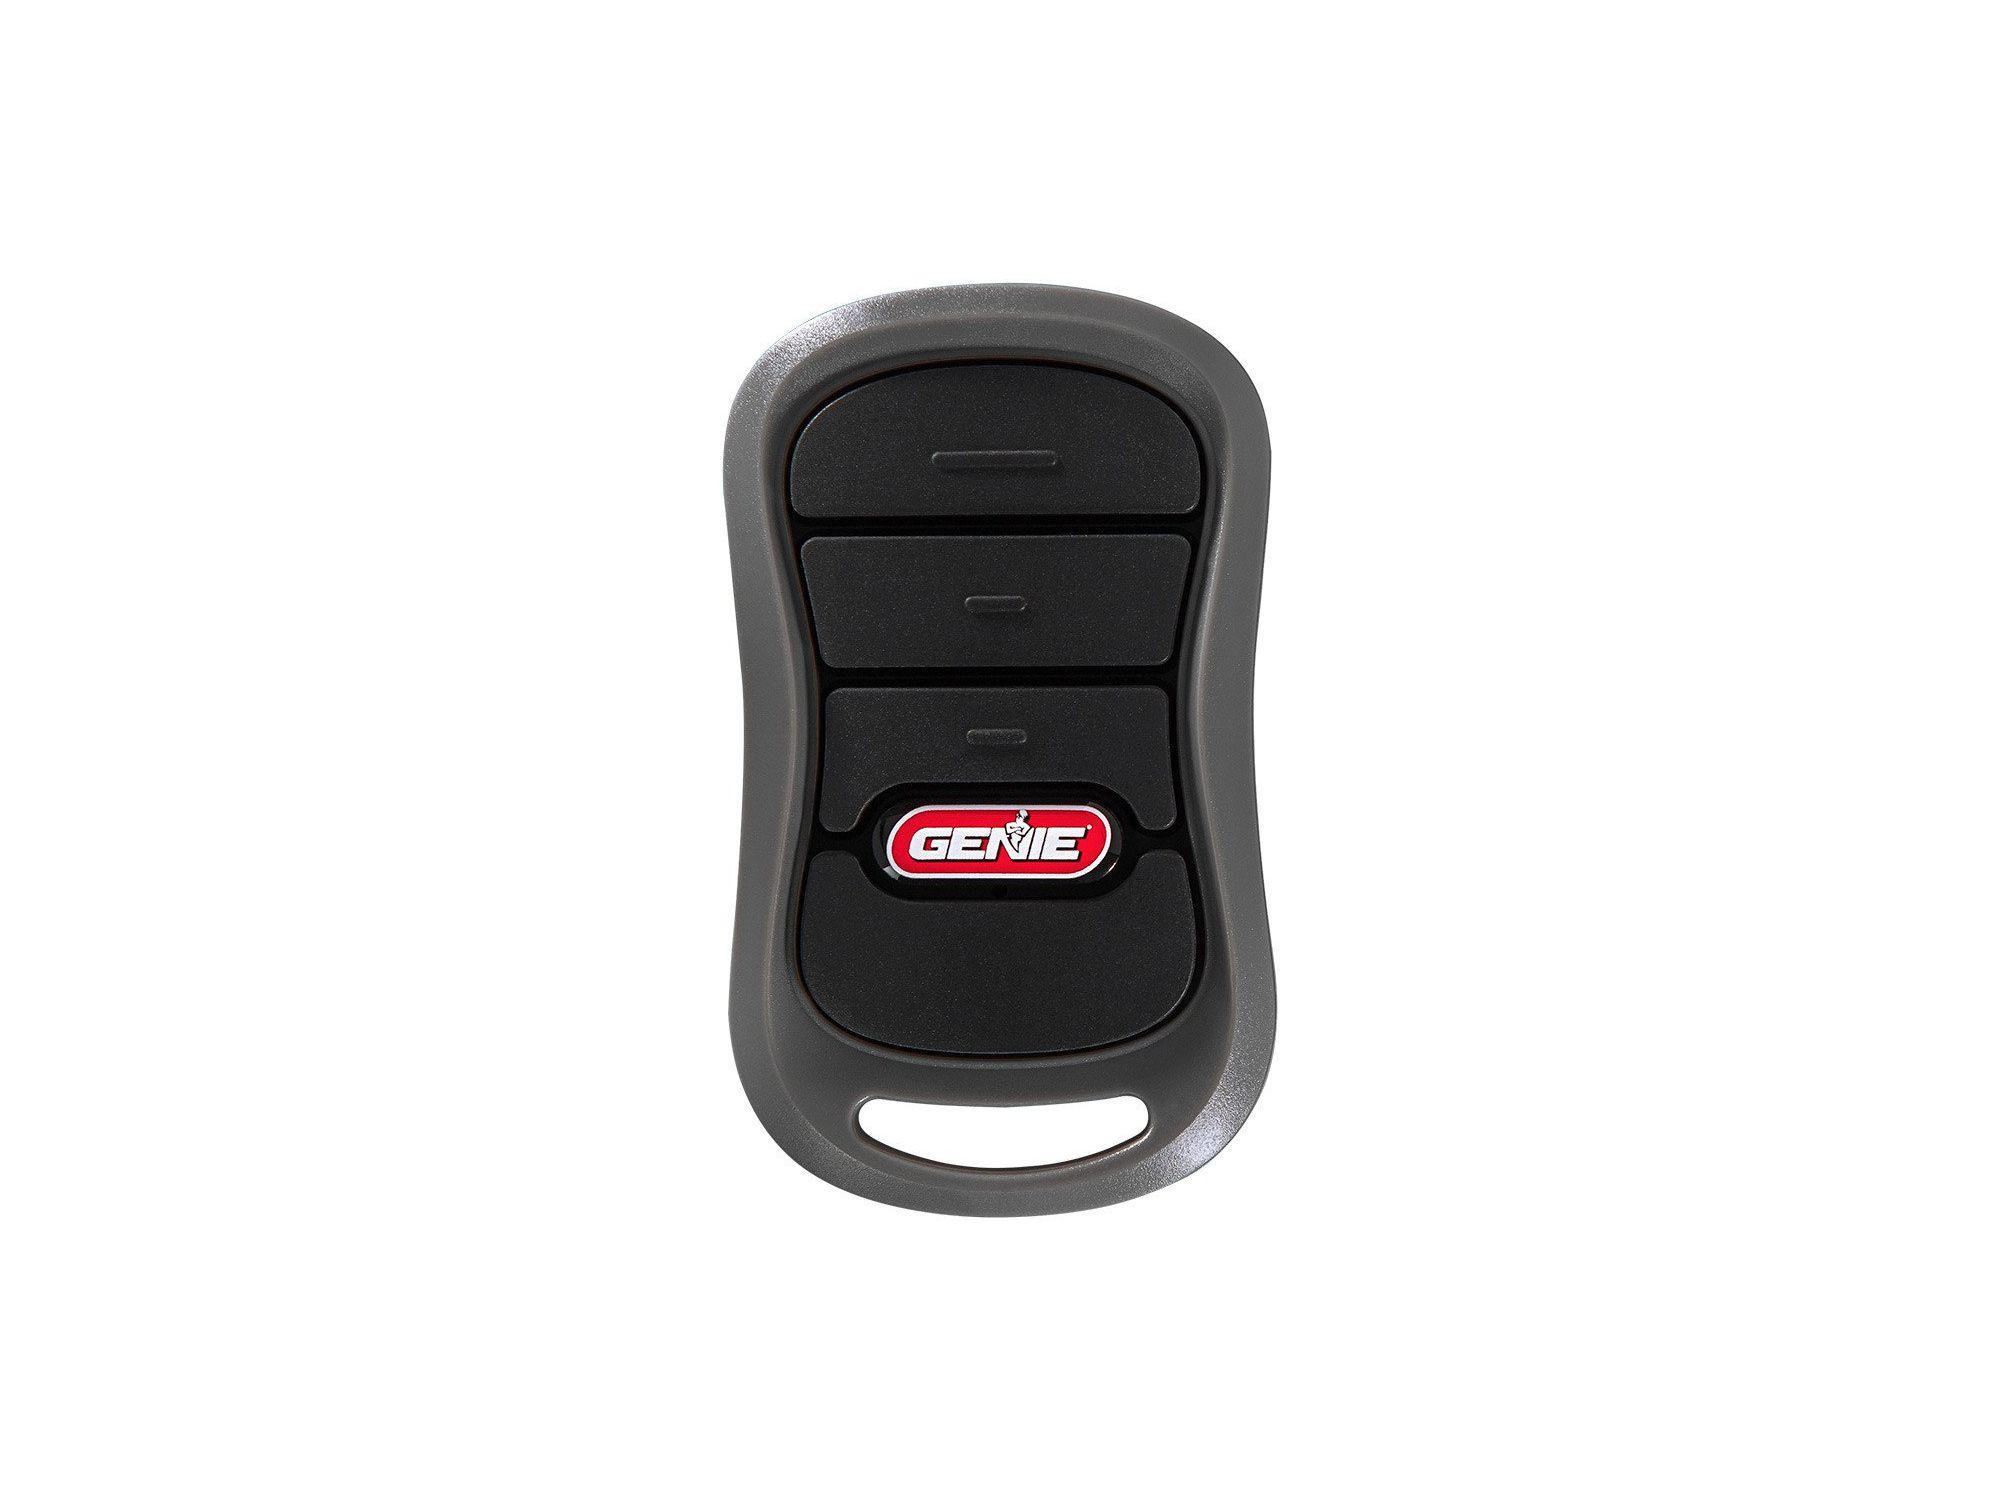 The Best Garage Door Opener Remotes